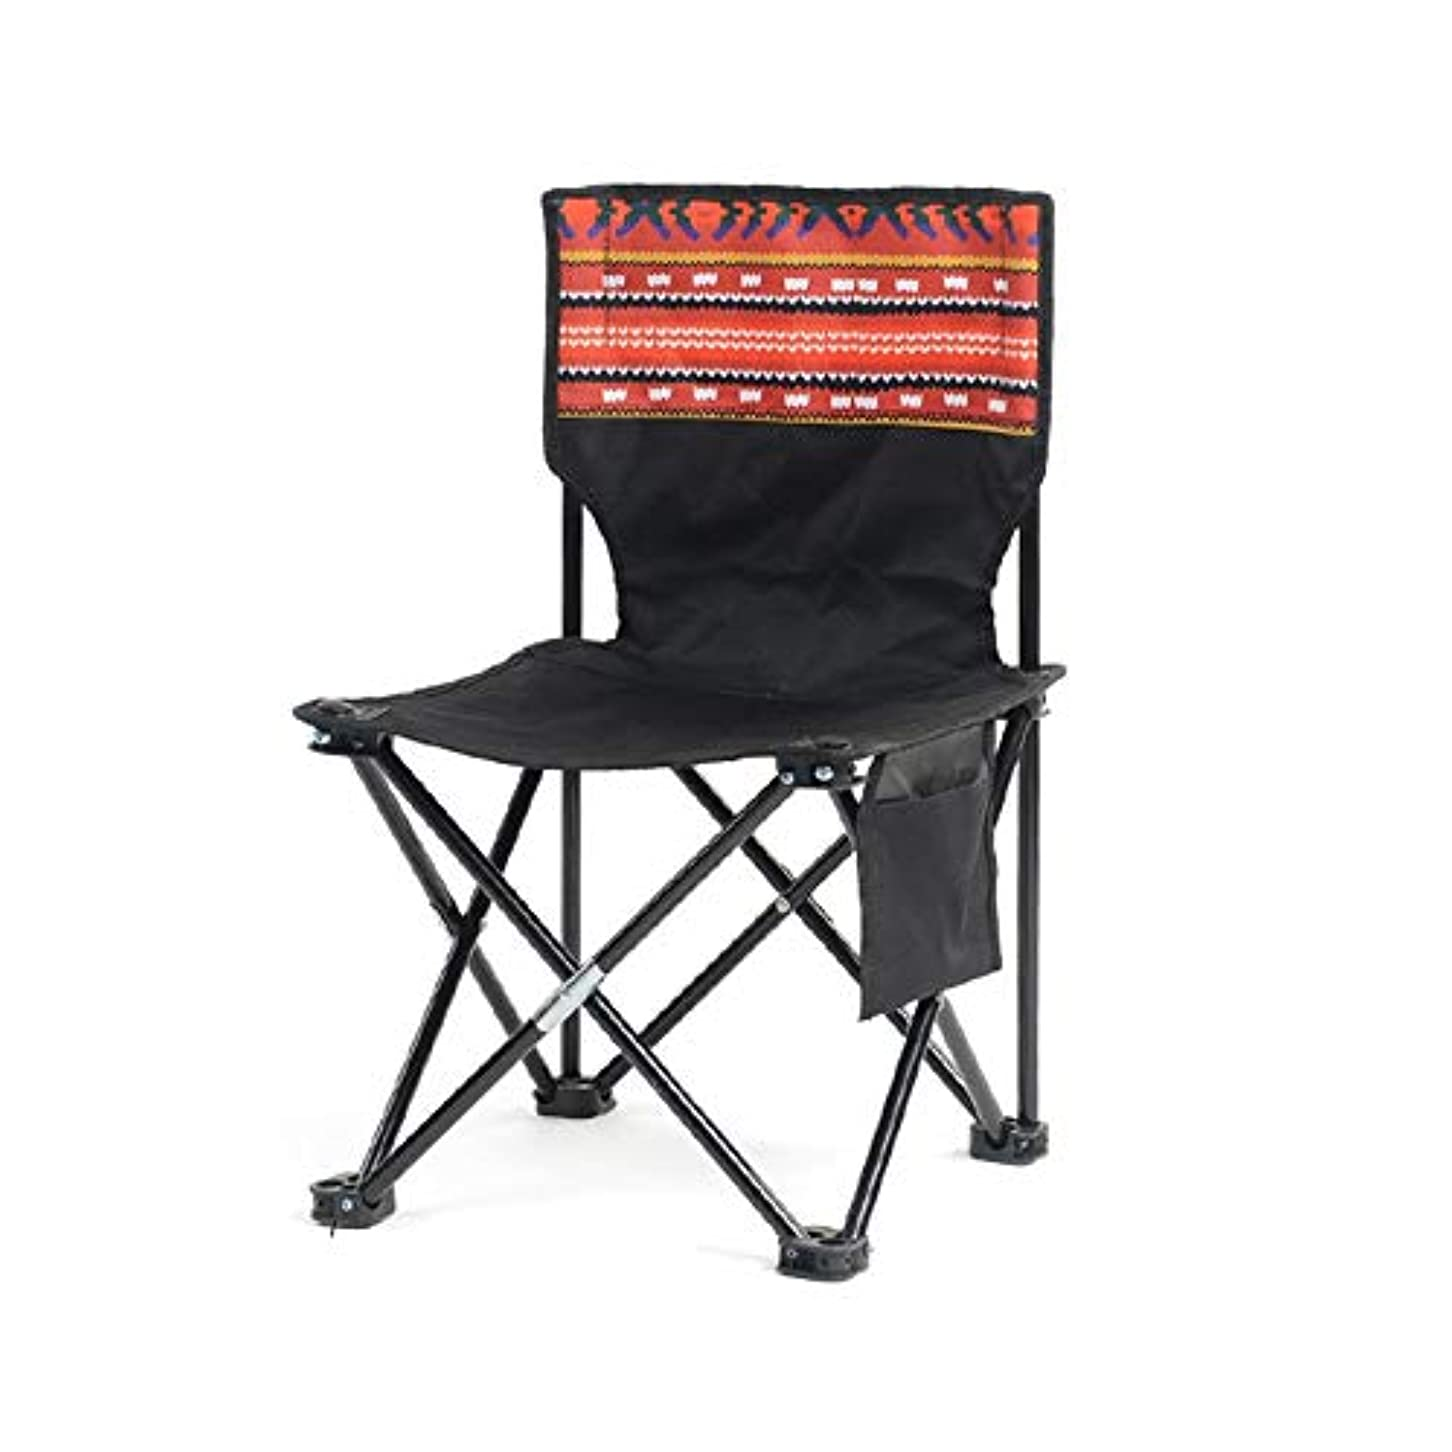 分離スチール精神NEVY 折りたたみ椅子アウトドアチェアキャンプ椅子コンパクト軽量背もたれポータブルチェア釣り登山ハイキング、複数の色があります (色 : Black 2)